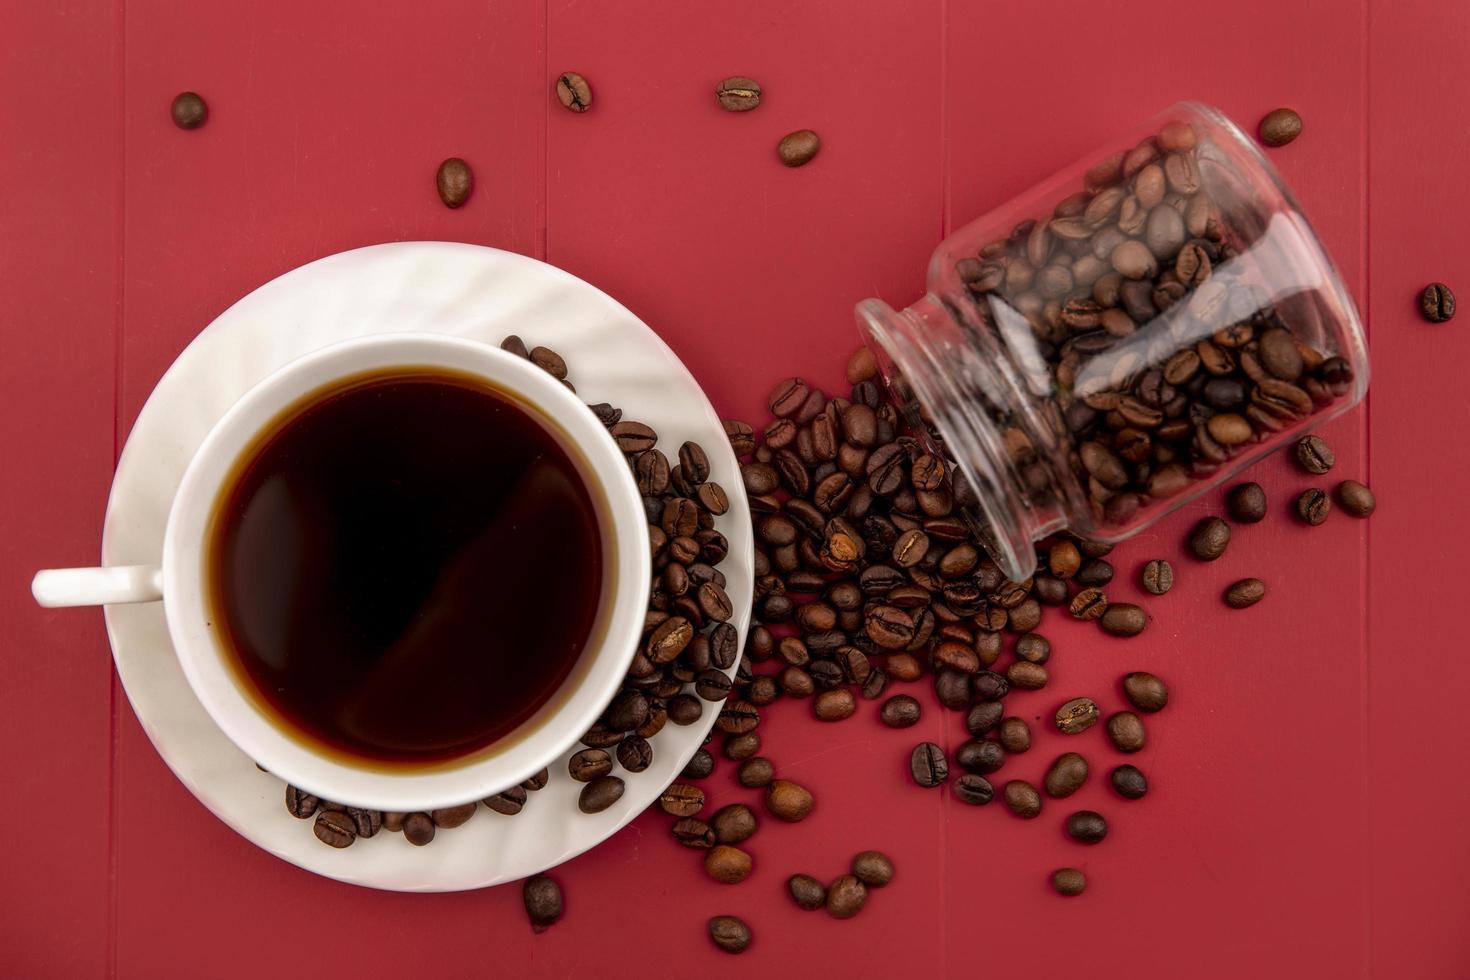 Fotografía de alimentos laicos plana de una taza de café y granos de café sobre fondo rojo. foto